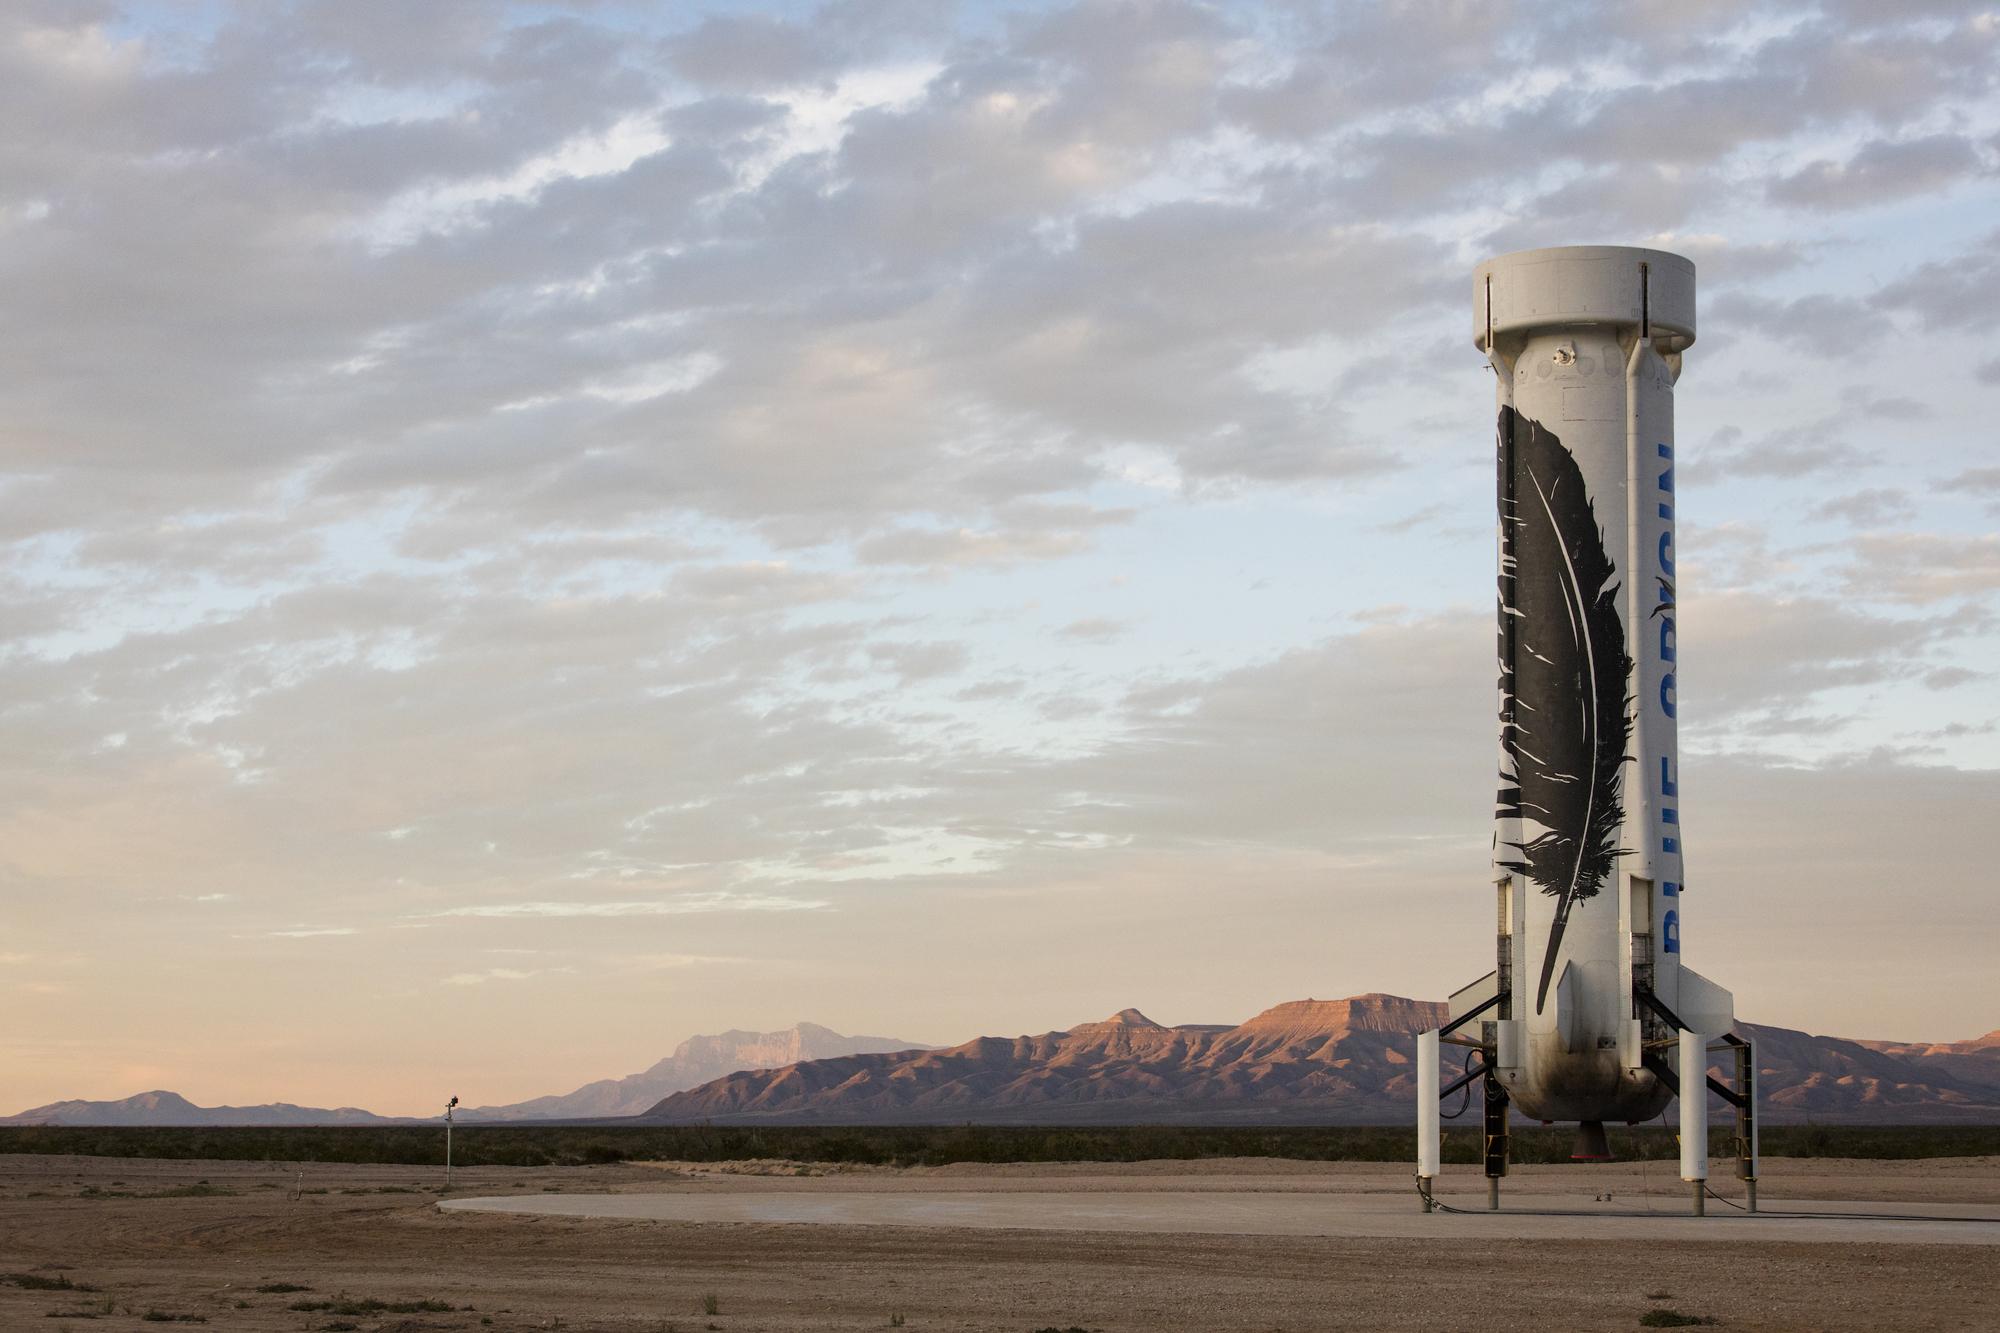 Първо кацане на ракета за многократна употреба